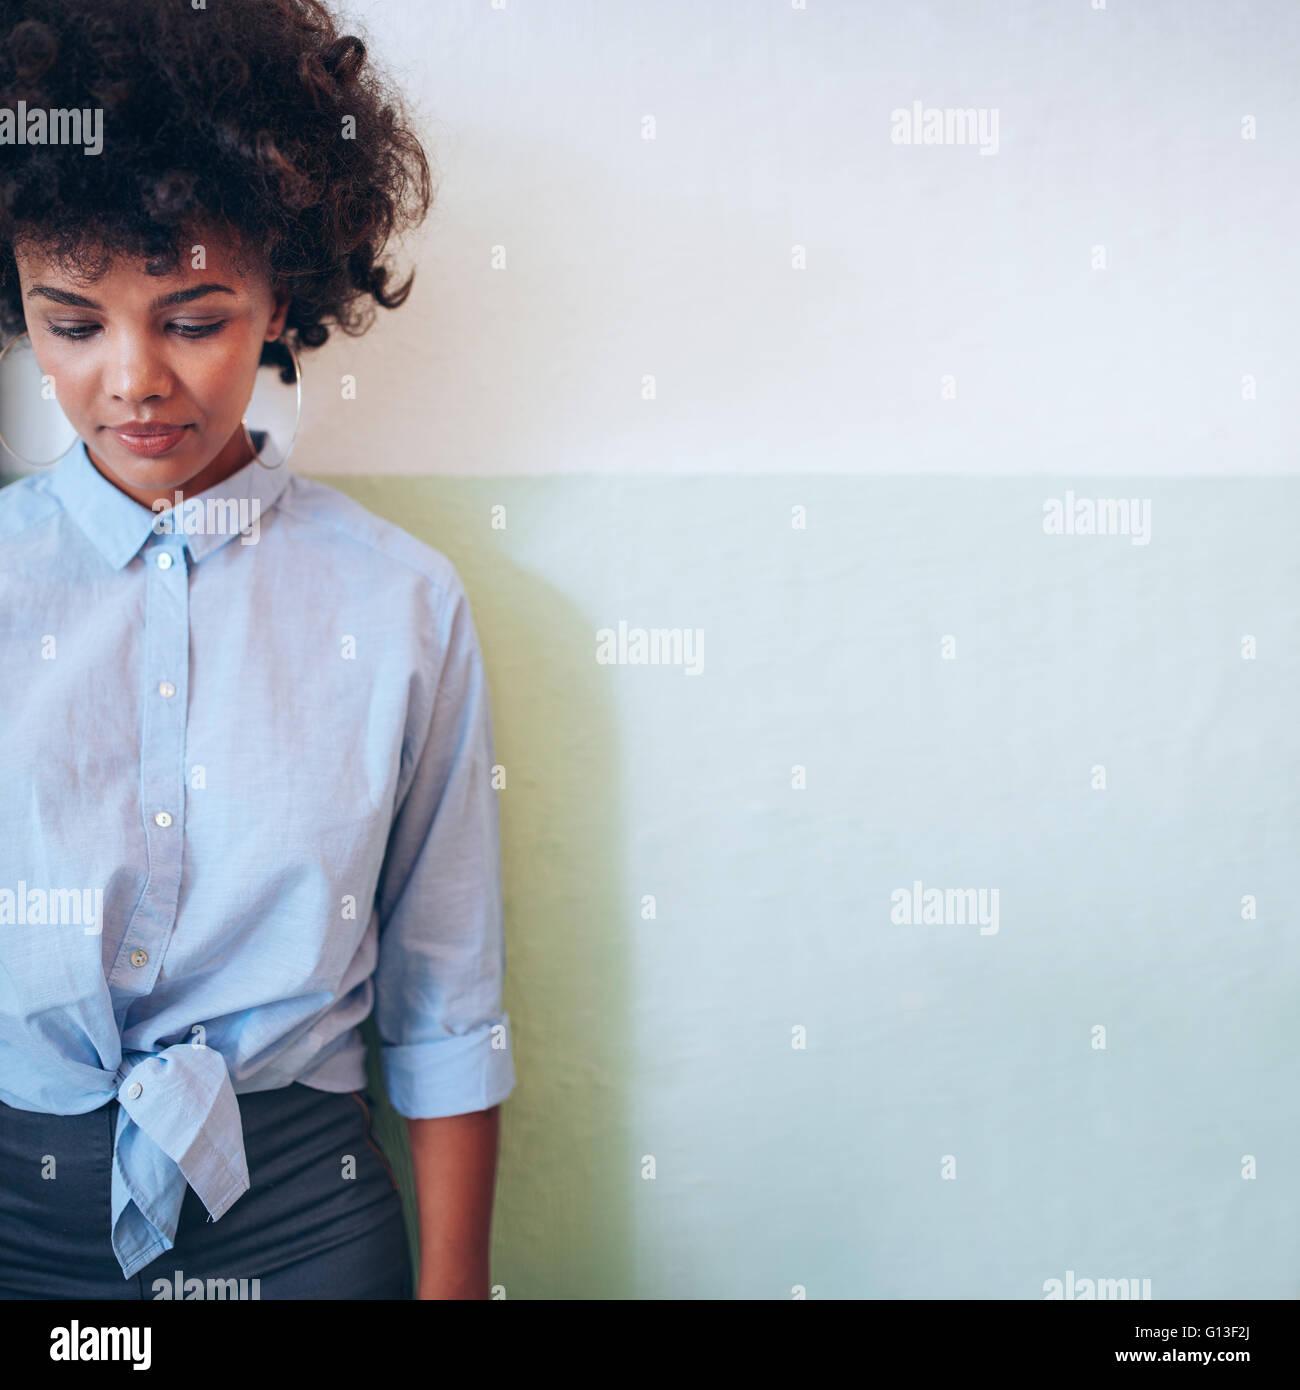 Immagine ritagliata della giovane e bella donna africana in piedi contro un muro e guardando verso il basso. Gara Immagini Stock